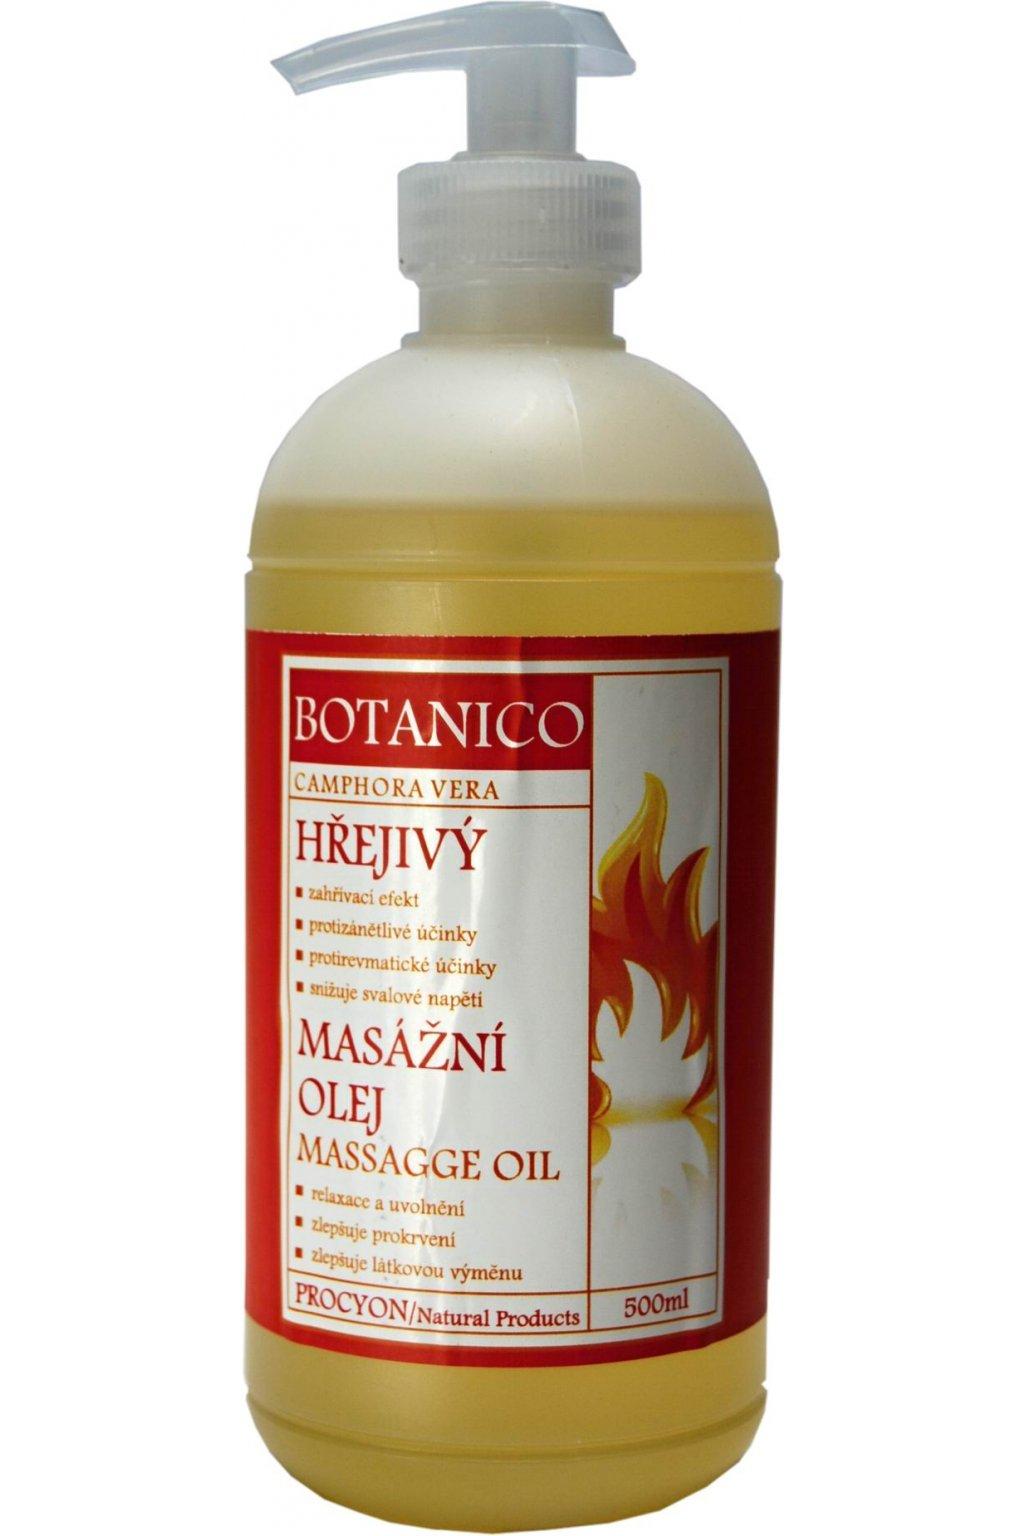 Procyon Botanico Hřejivý masážní olej 500 ml